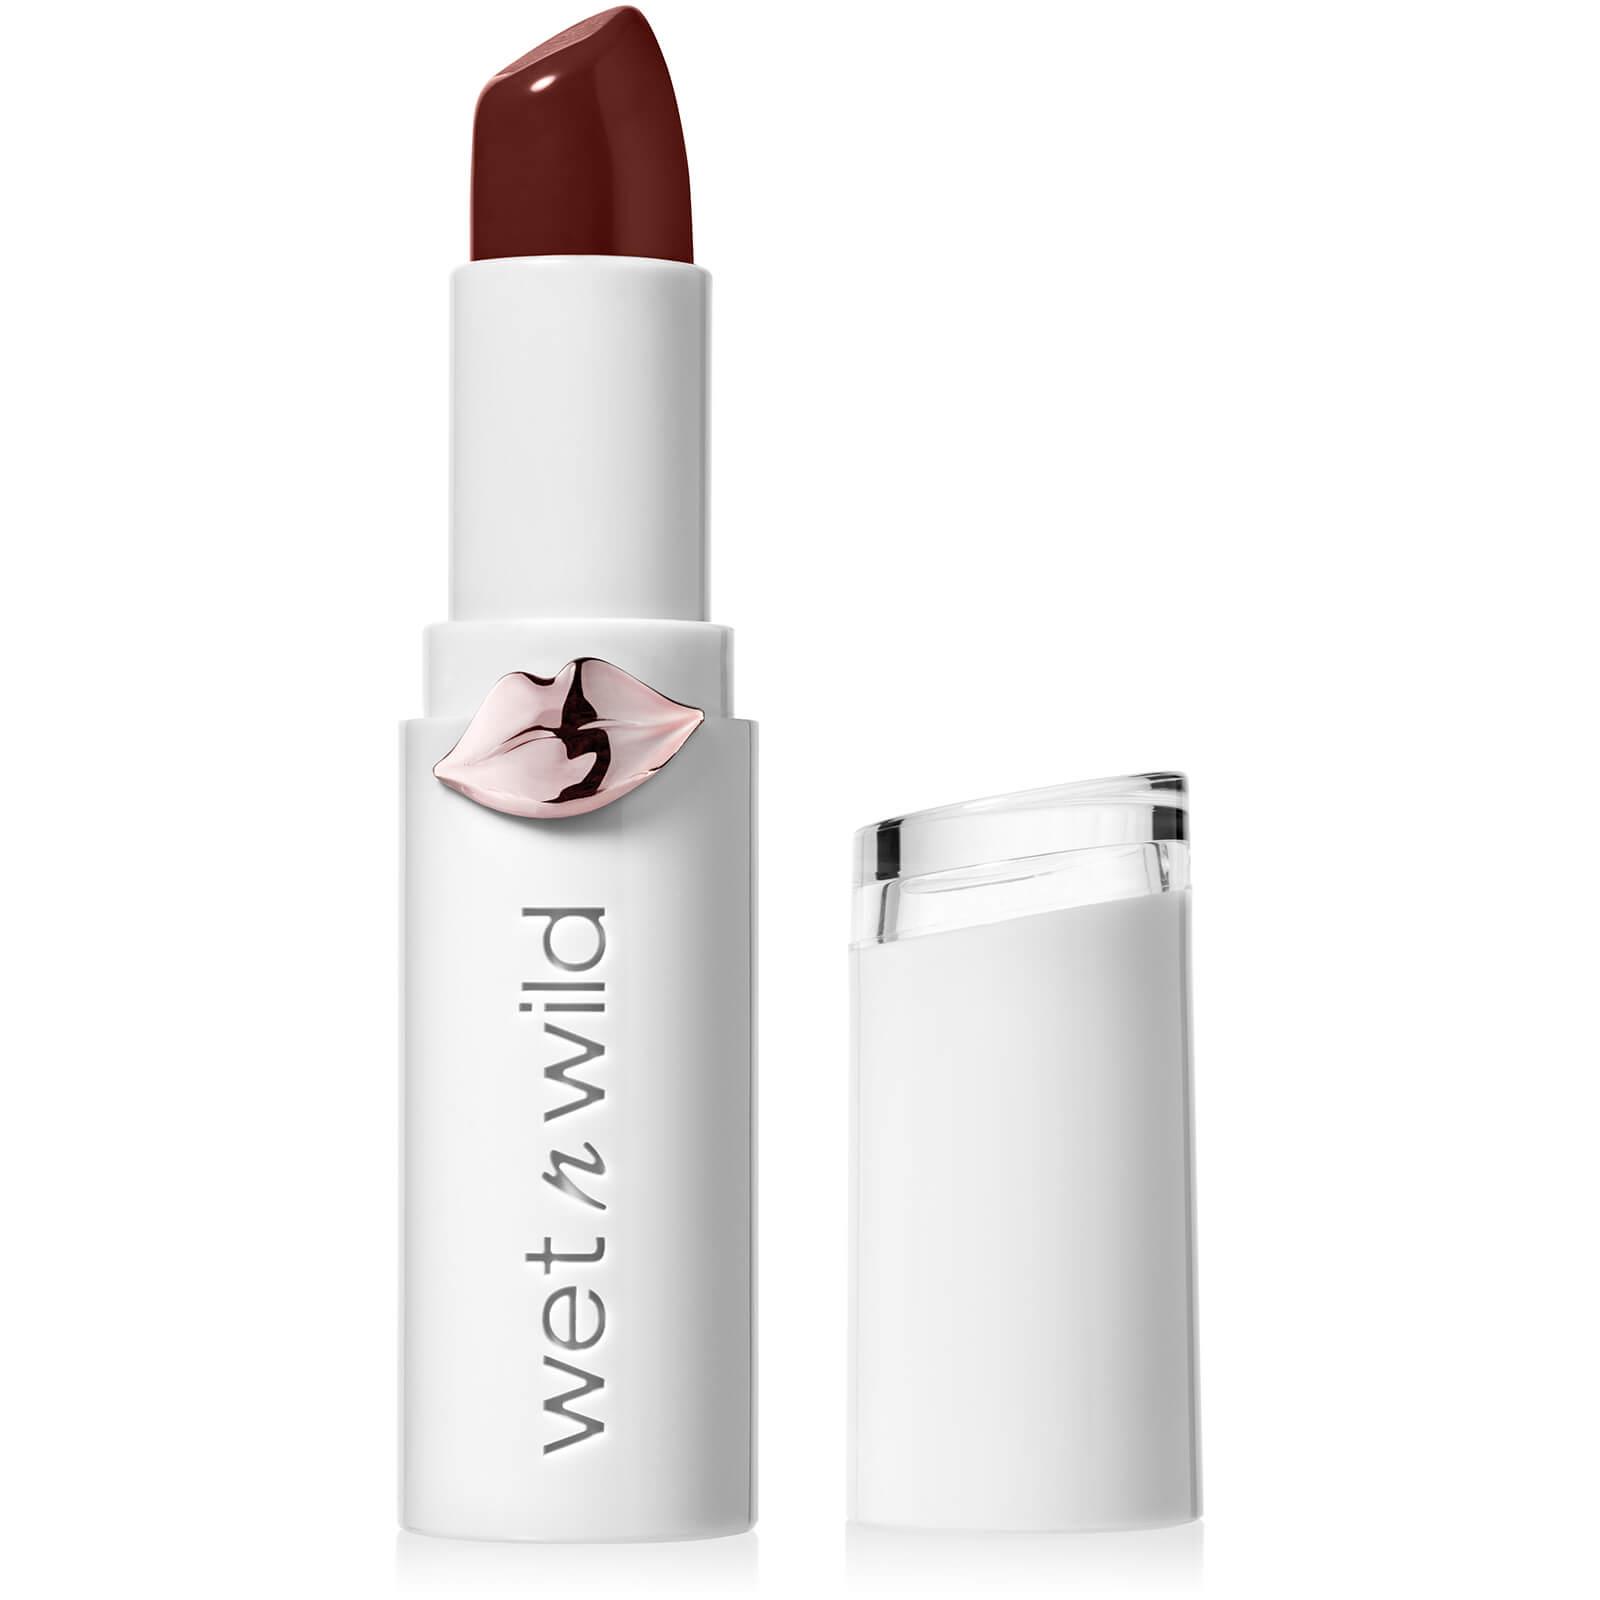 Wet n' Wild Megalast Lipstick - Shine Finish 3.6g (Various Shades) - Jam With Me  (Shine Finish)